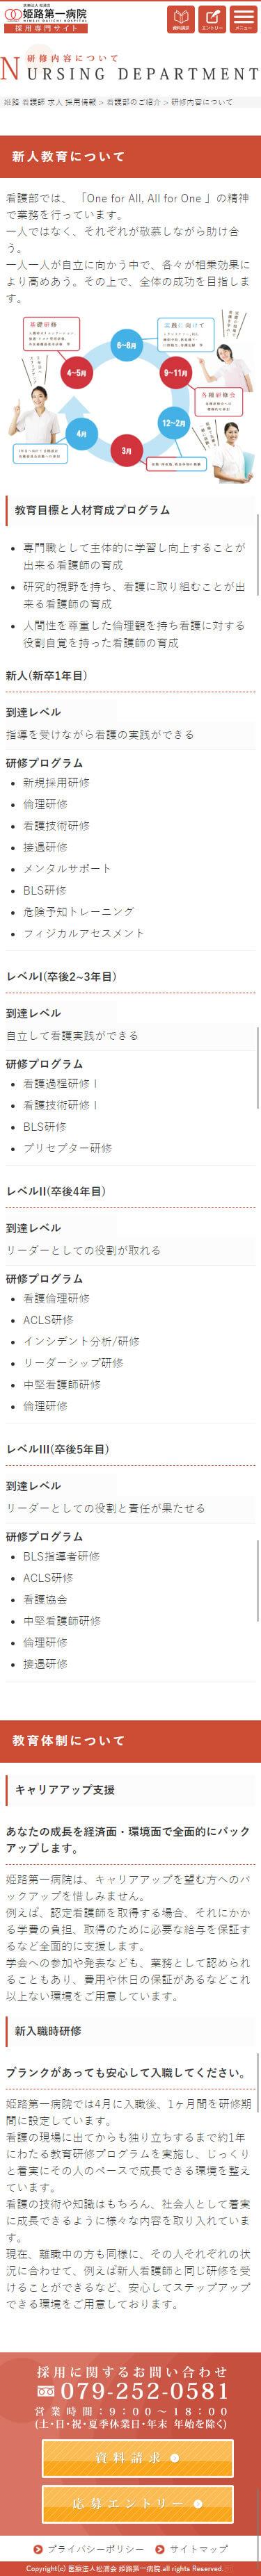 姫路市 姫路第一病院様 採用サイト制作4